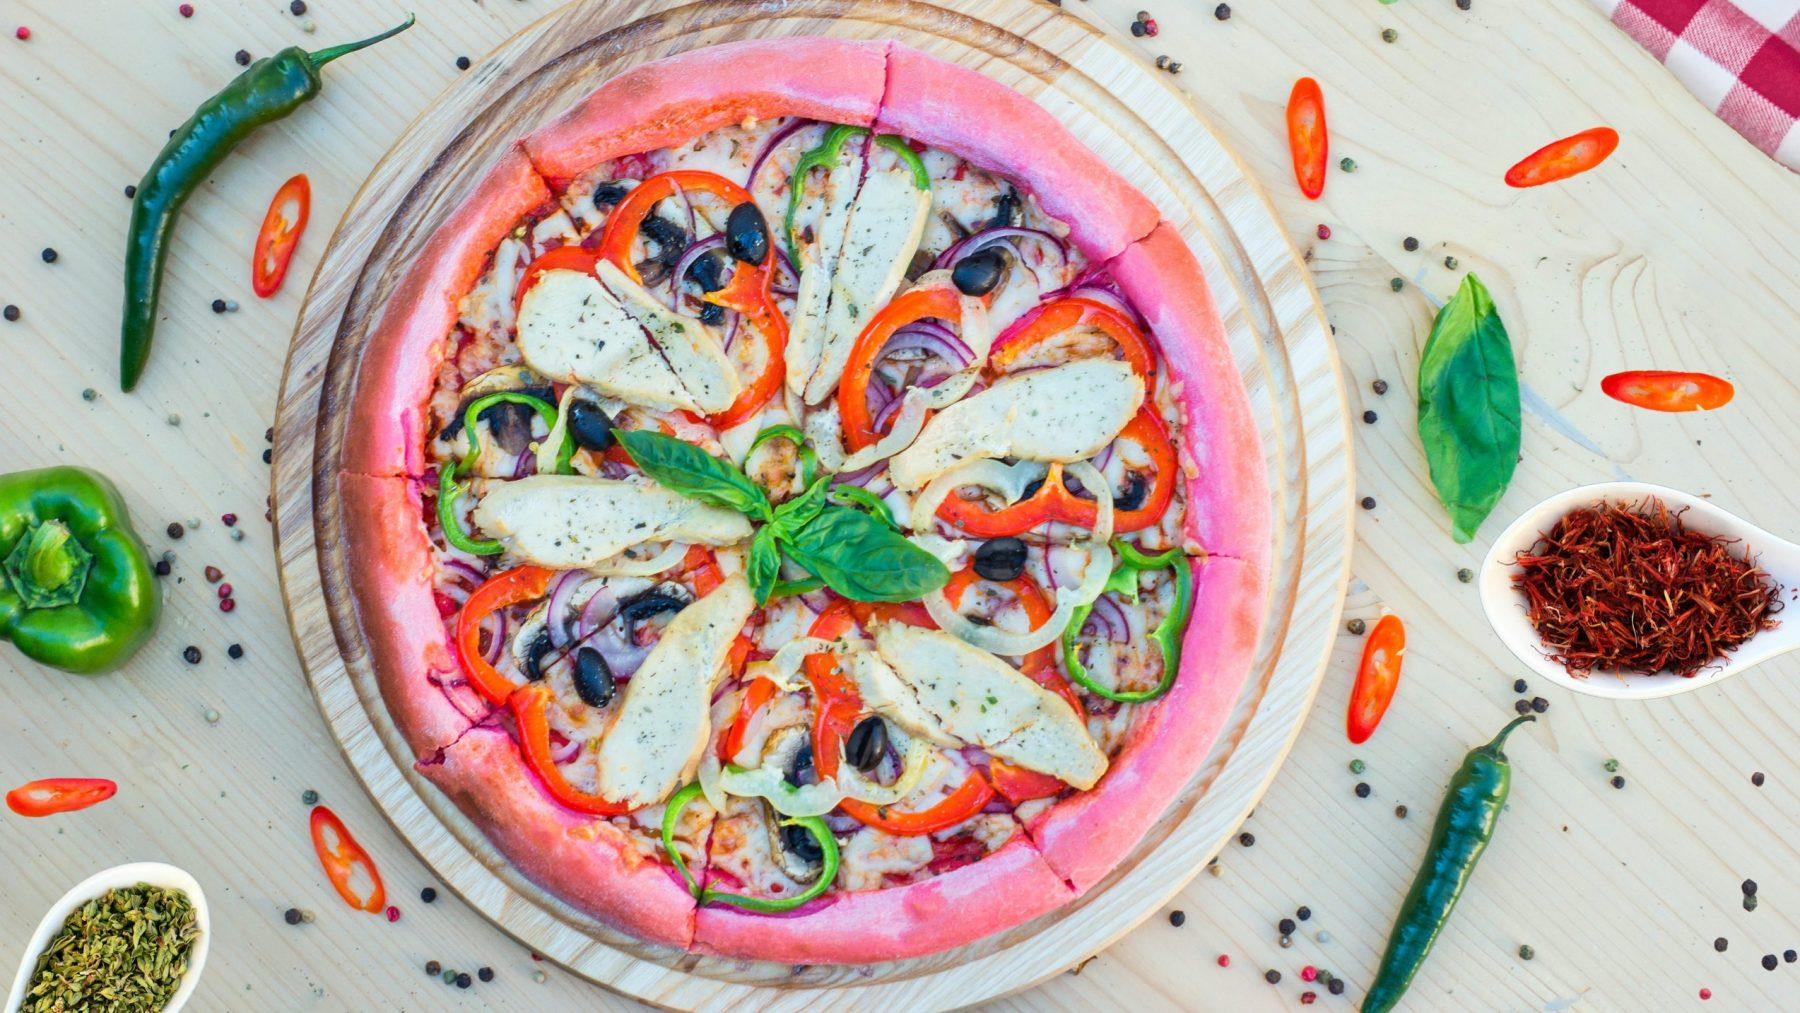 Markt voedsel kliko pizza Pexels